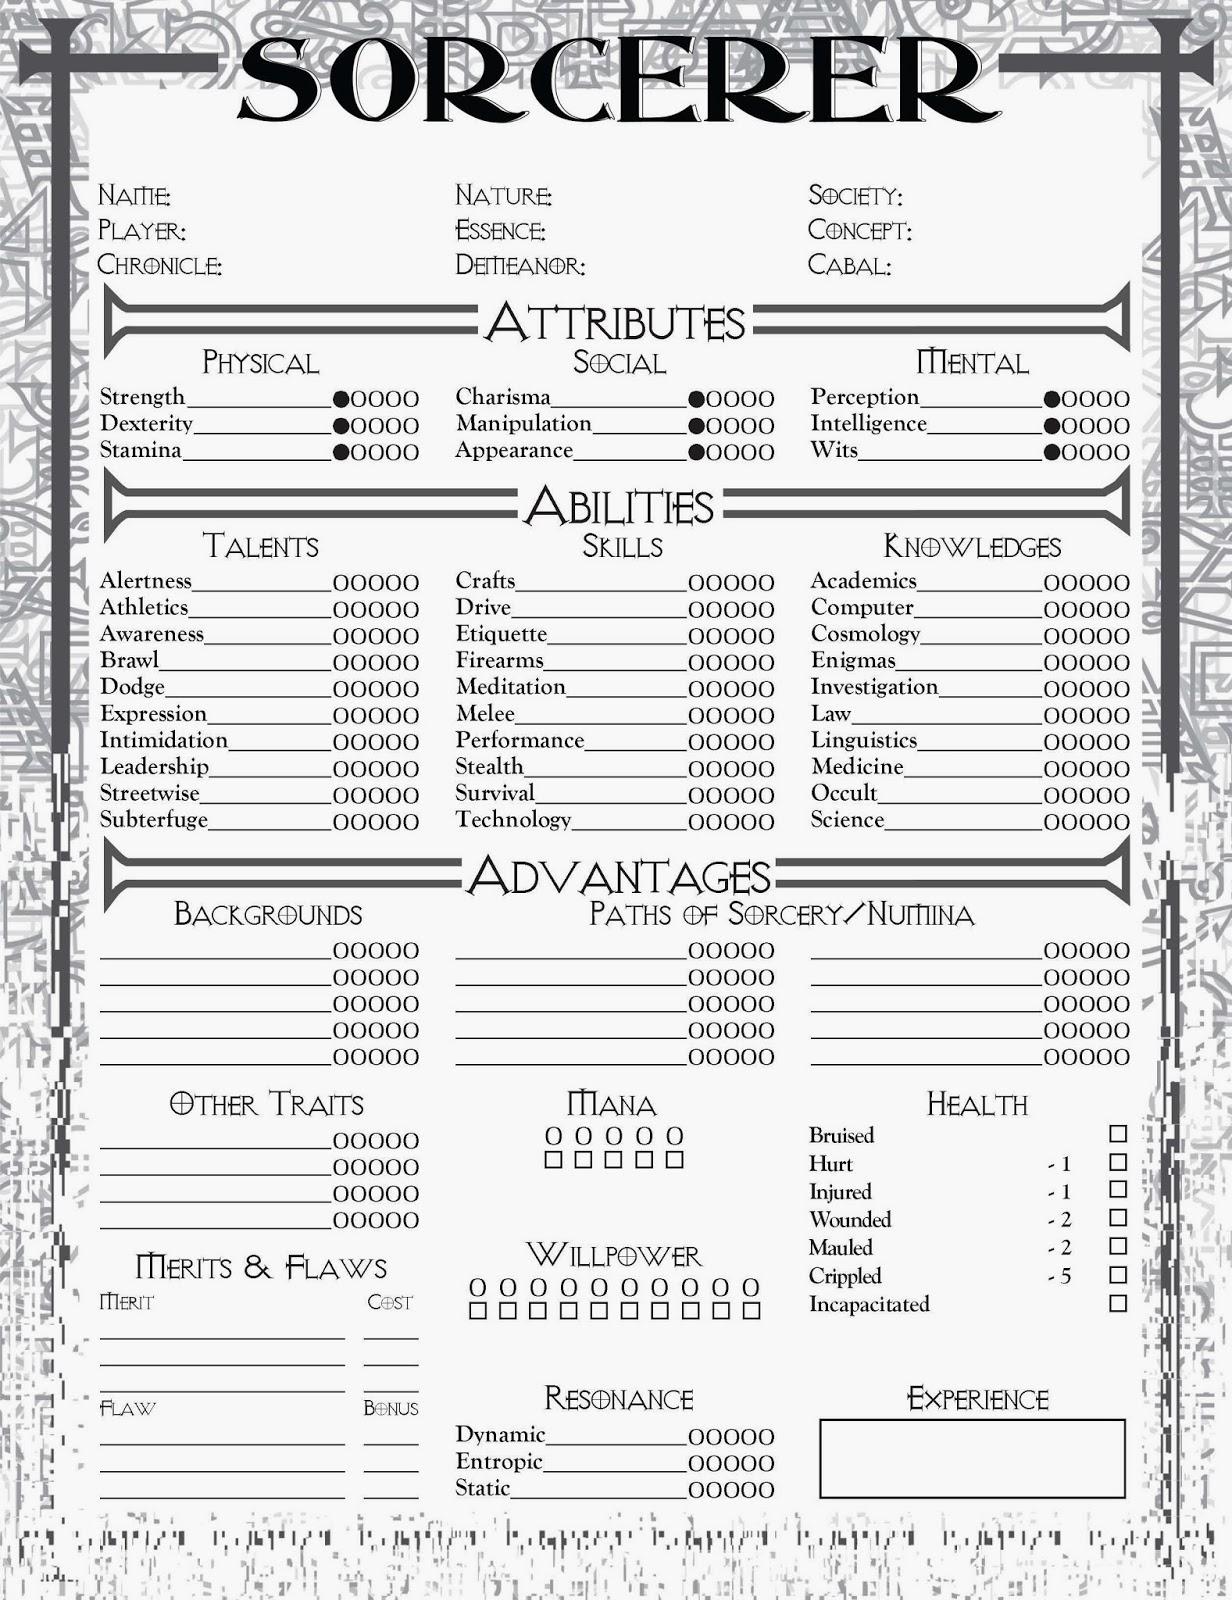 Sorcerer Revised em inglês